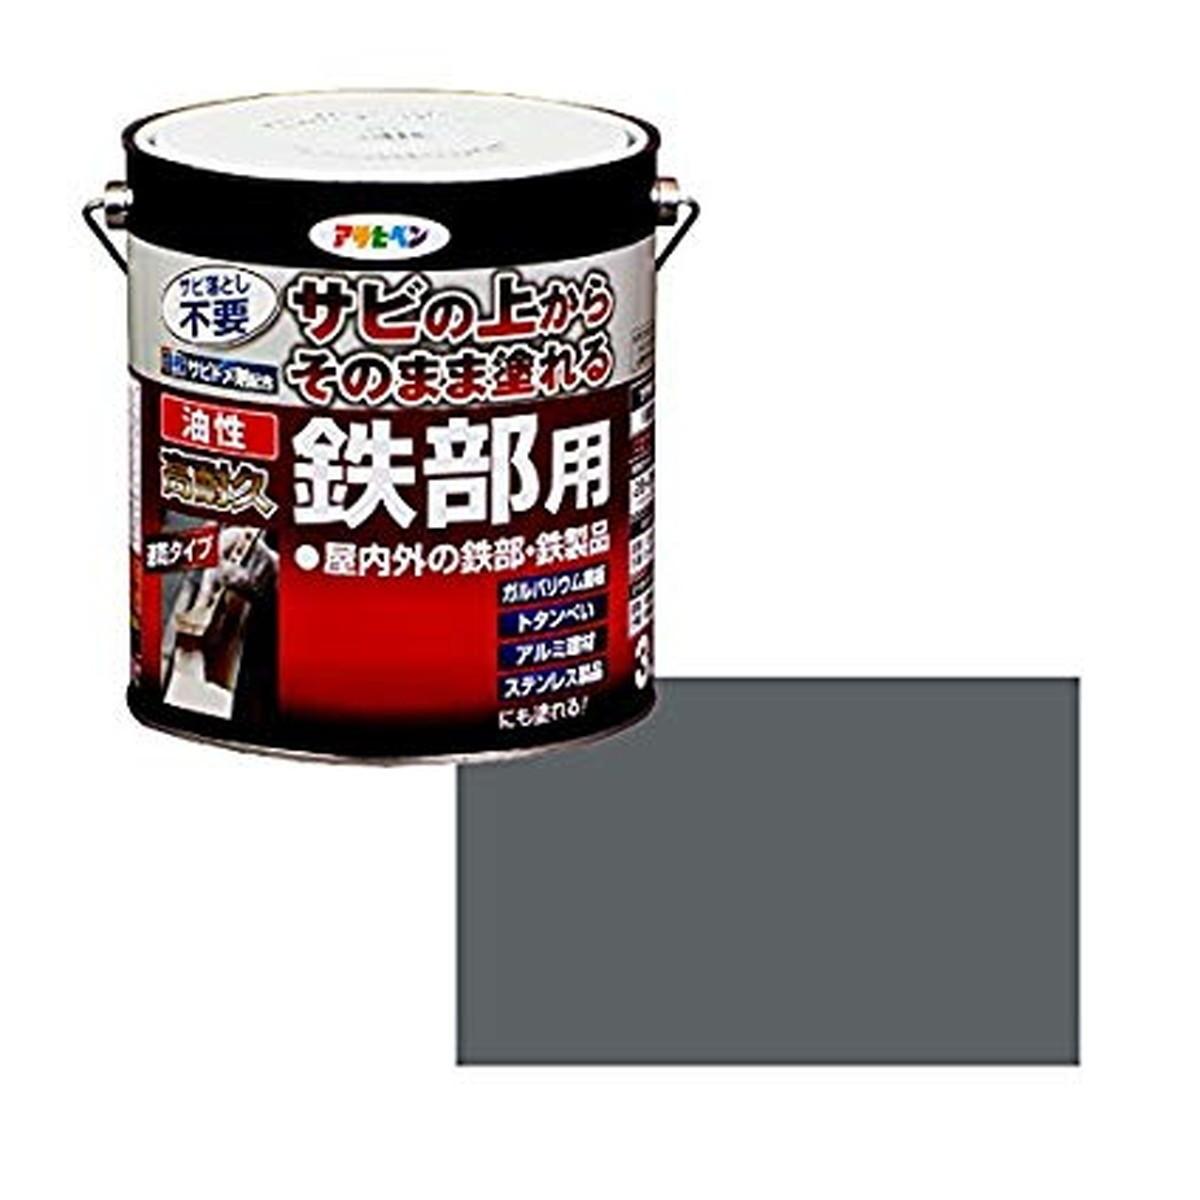 アサヒペン 油性高耐久鉄部用 グレー 3L【クーポン配布中】